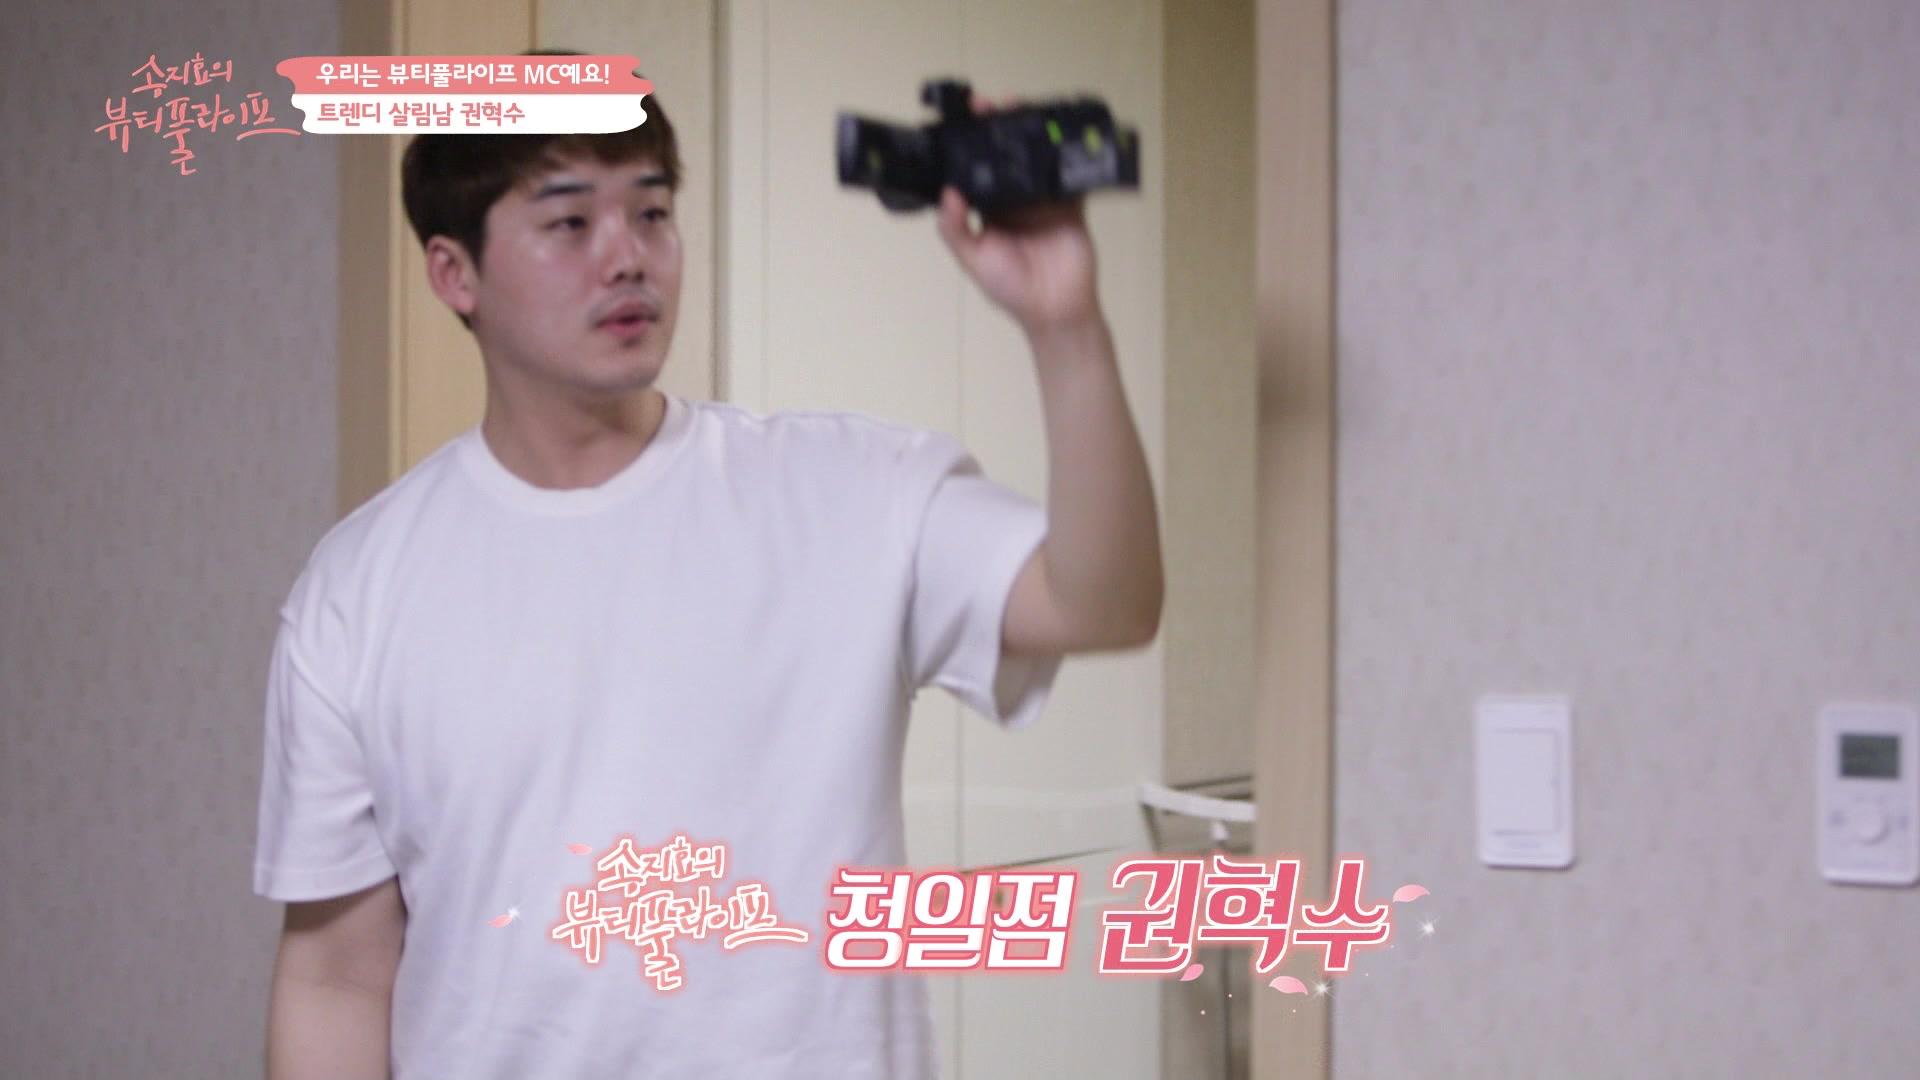 Song Ji Hyo's Beautiful Life Episode 1